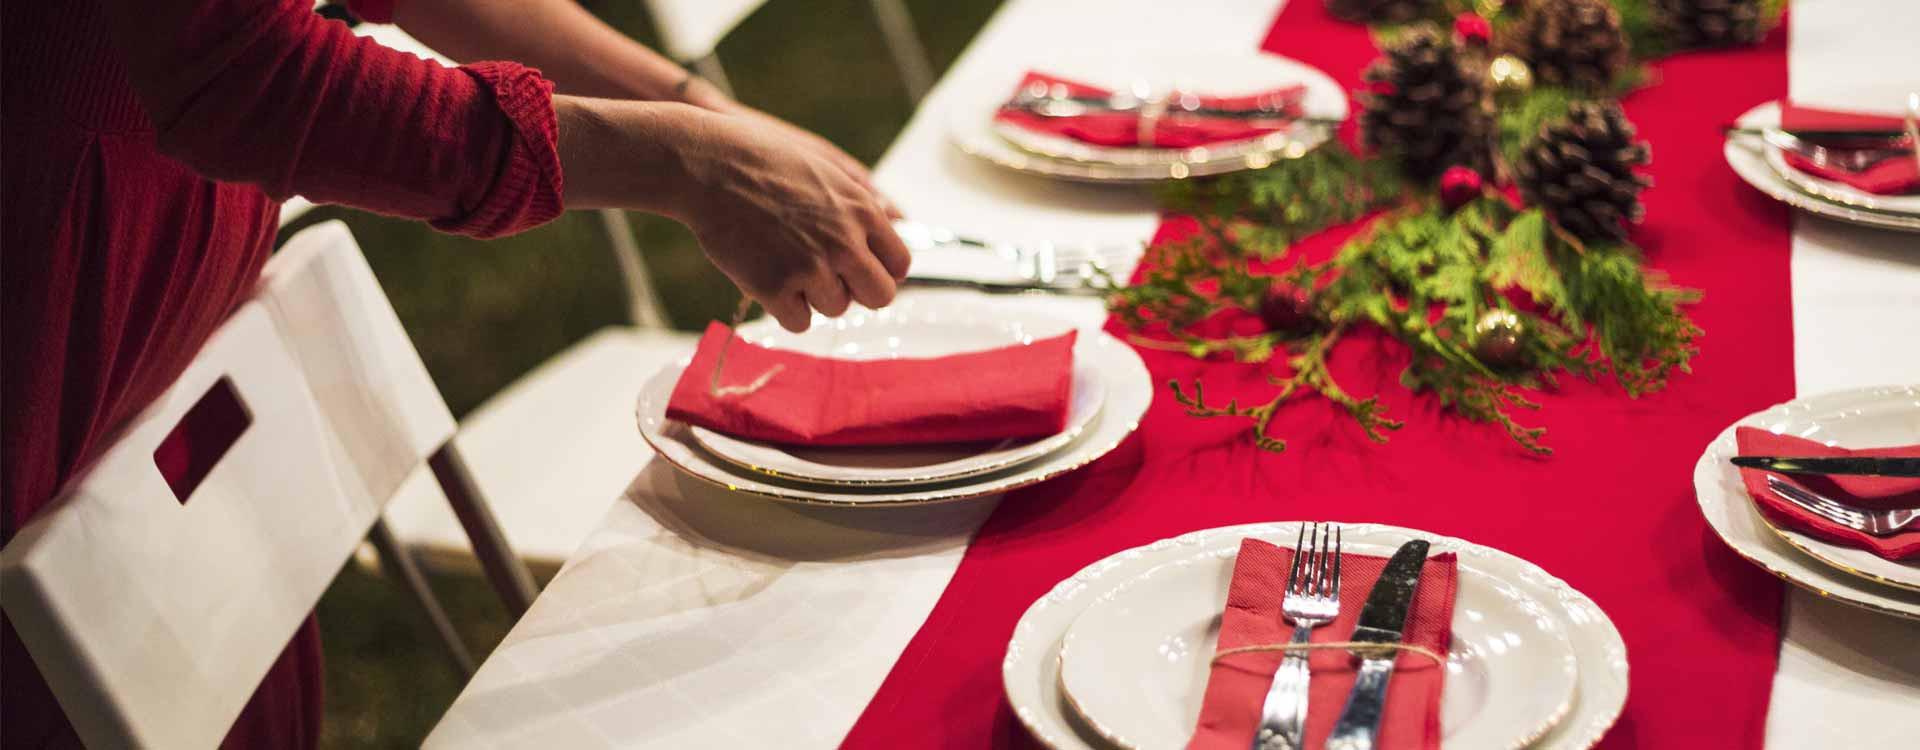 Nowe tradycje świąteczne, które włączają całą rodzinę w przygotowania